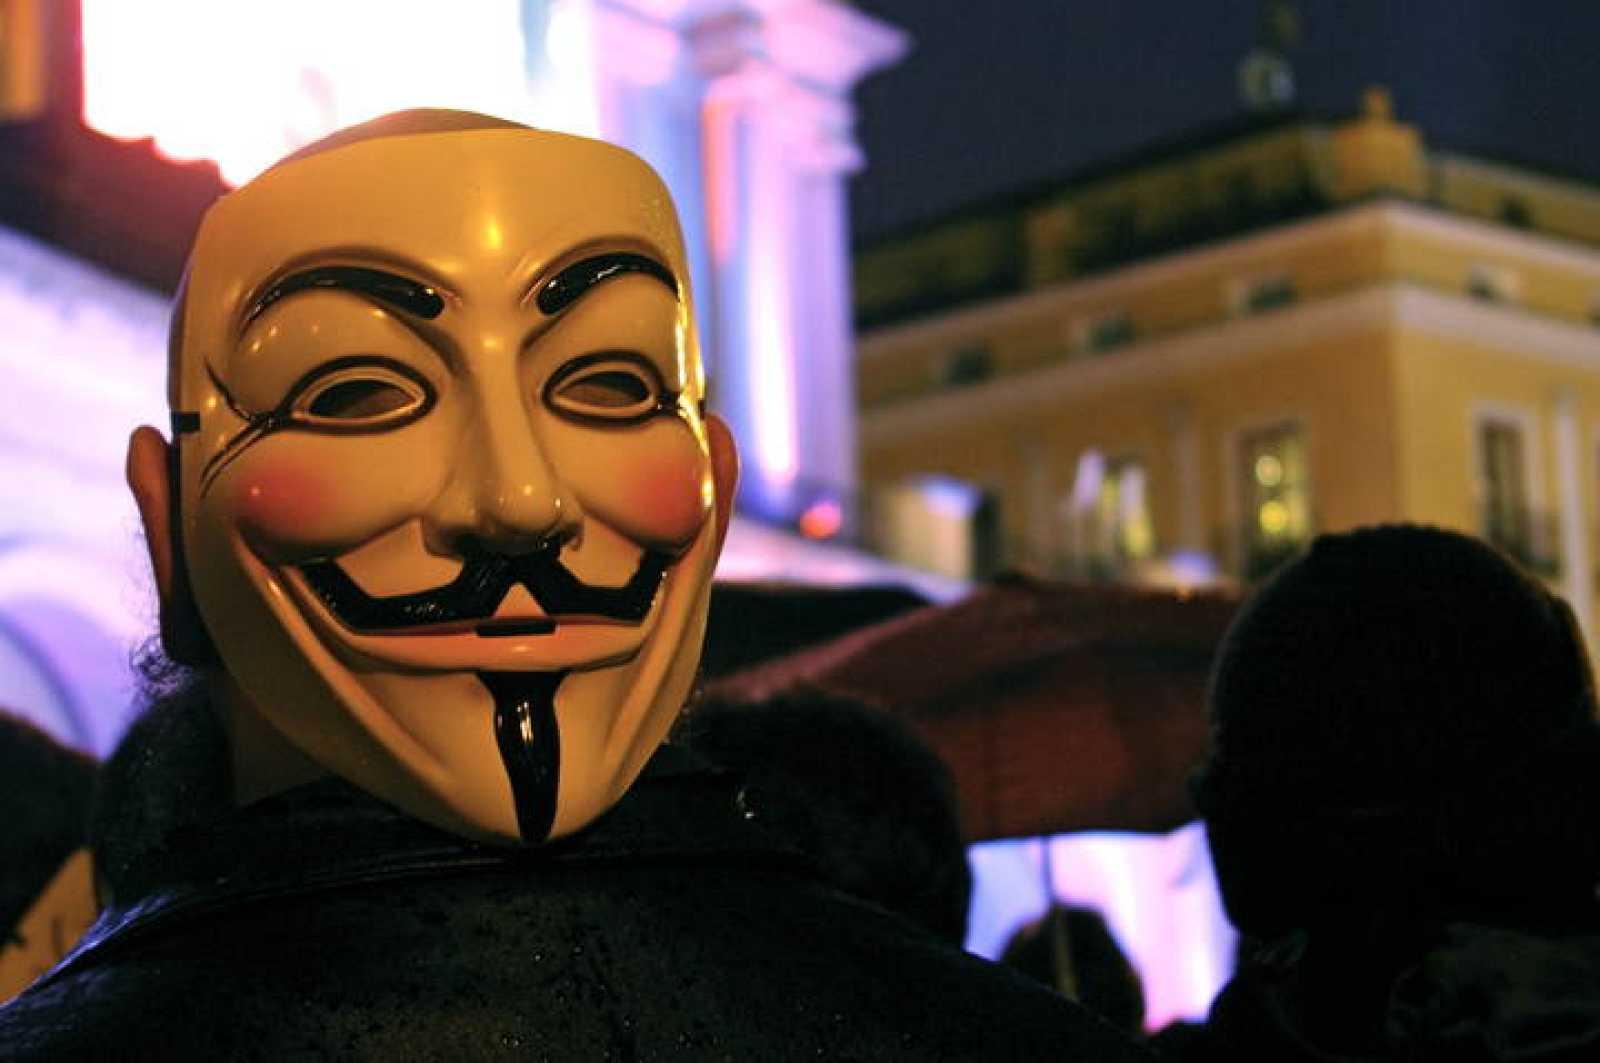 La venta de máscaras de Guy Fawkes también contribuye con los ingresos de Time Warner